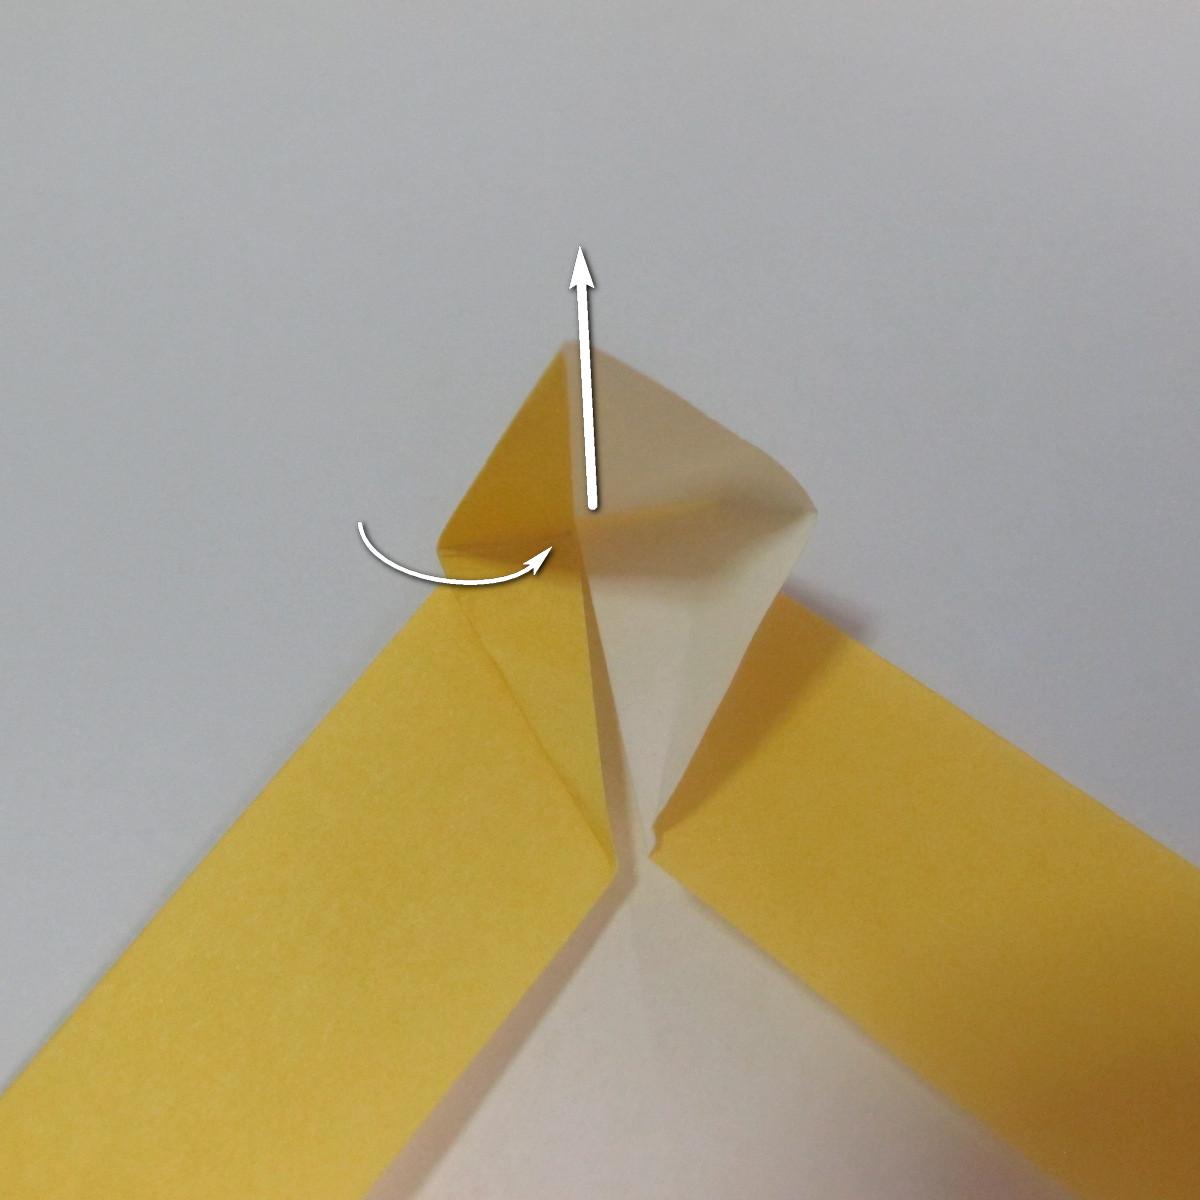 สอนวิธีพับกระดาษเป็นรูปลูกสุนัขยืนสองขา แบบของพอล ฟราสโก้ (Down Boy Dog Origami) 020